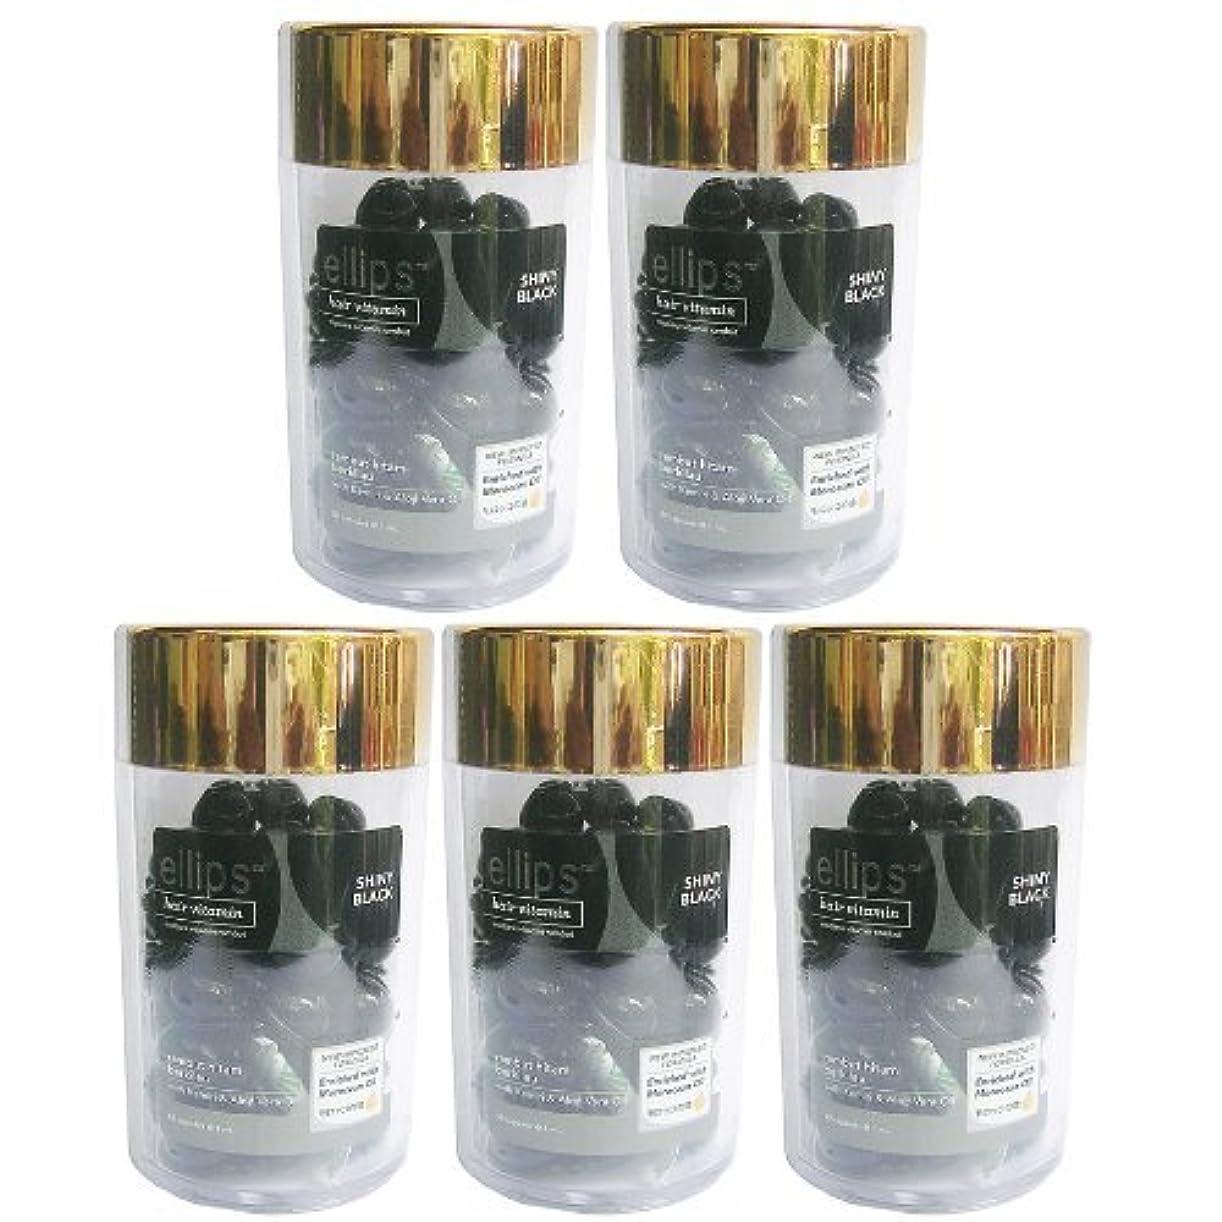 失敗法廷倍率エリップスellipsヘアビタミン洗い流さないヘアトリートメント50粒入ボトル5本組(海外直送品)(並行輸入品) (黒5本)